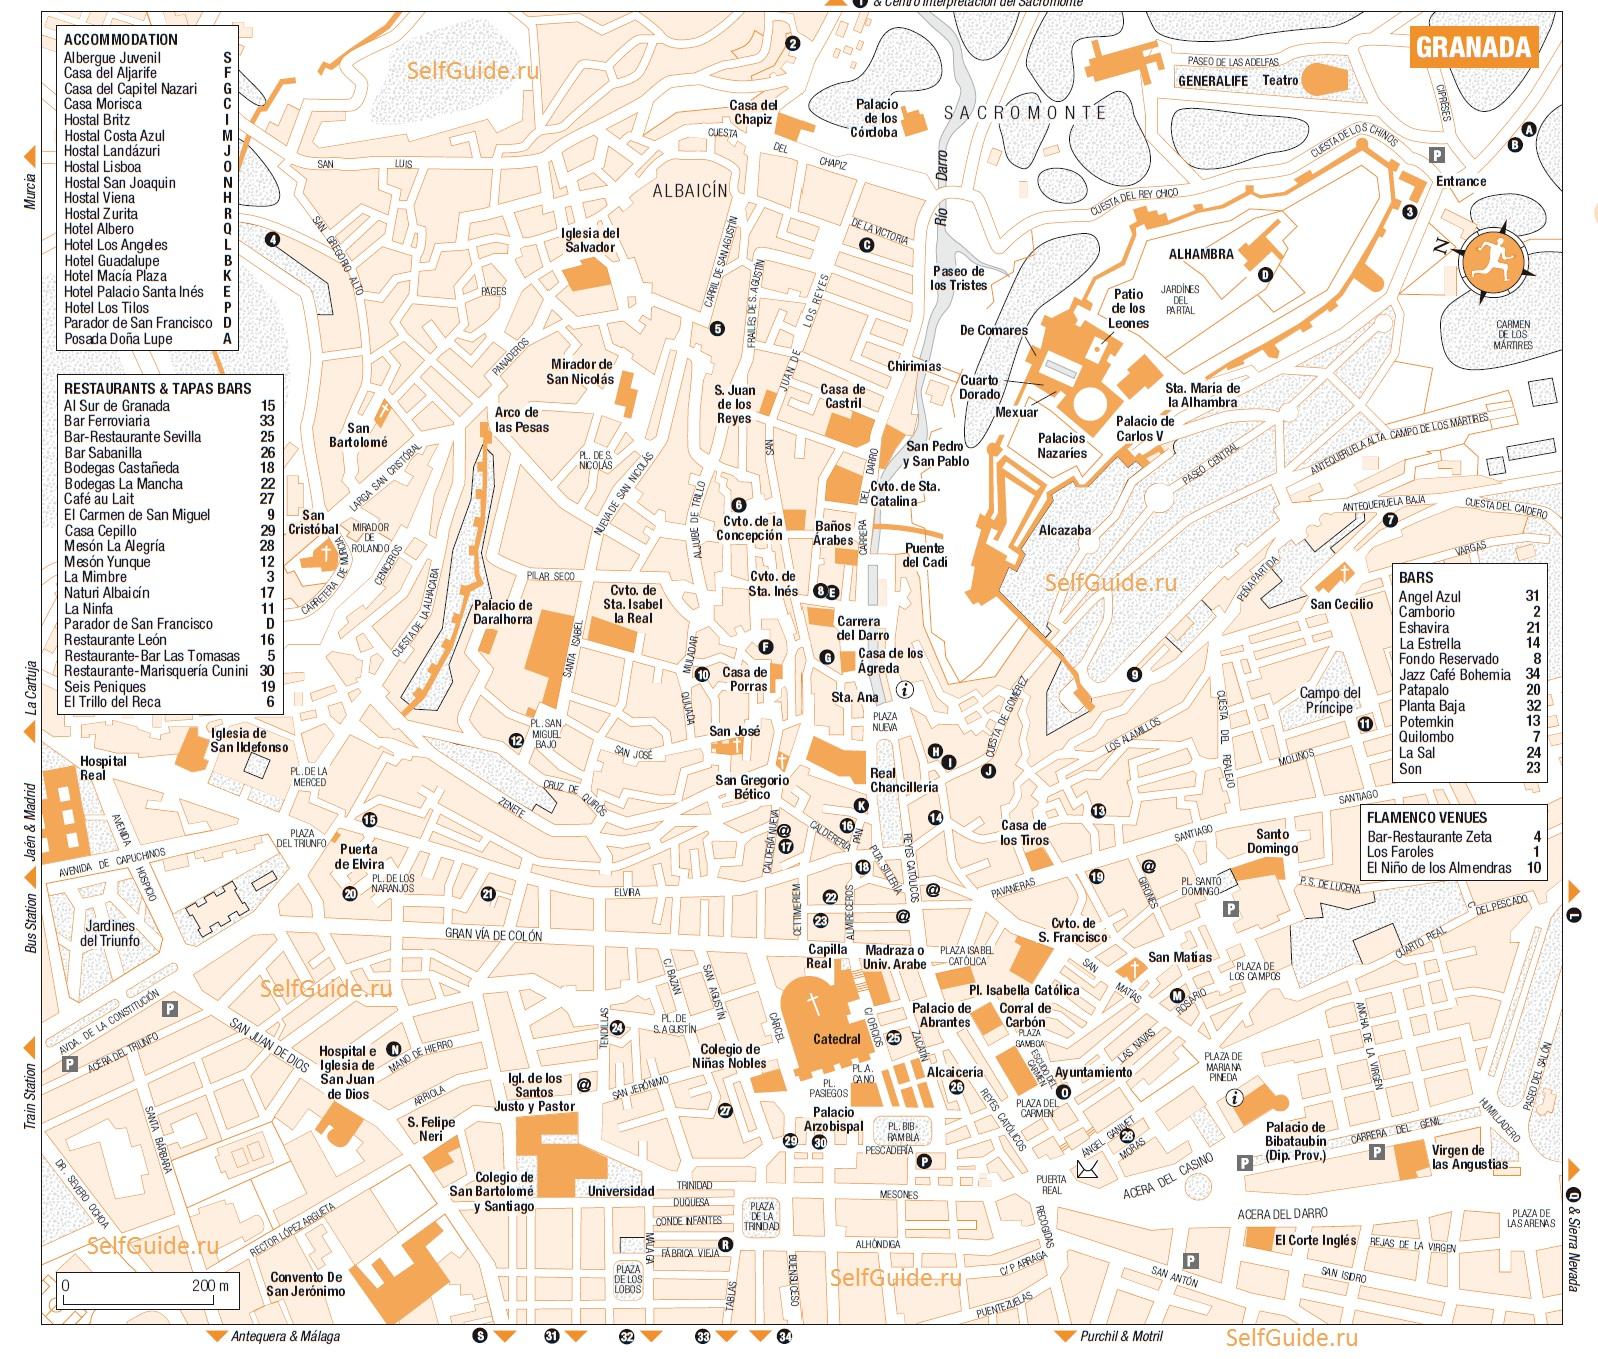 Туристическая карта Гранады c отмеченными достопримечательностями